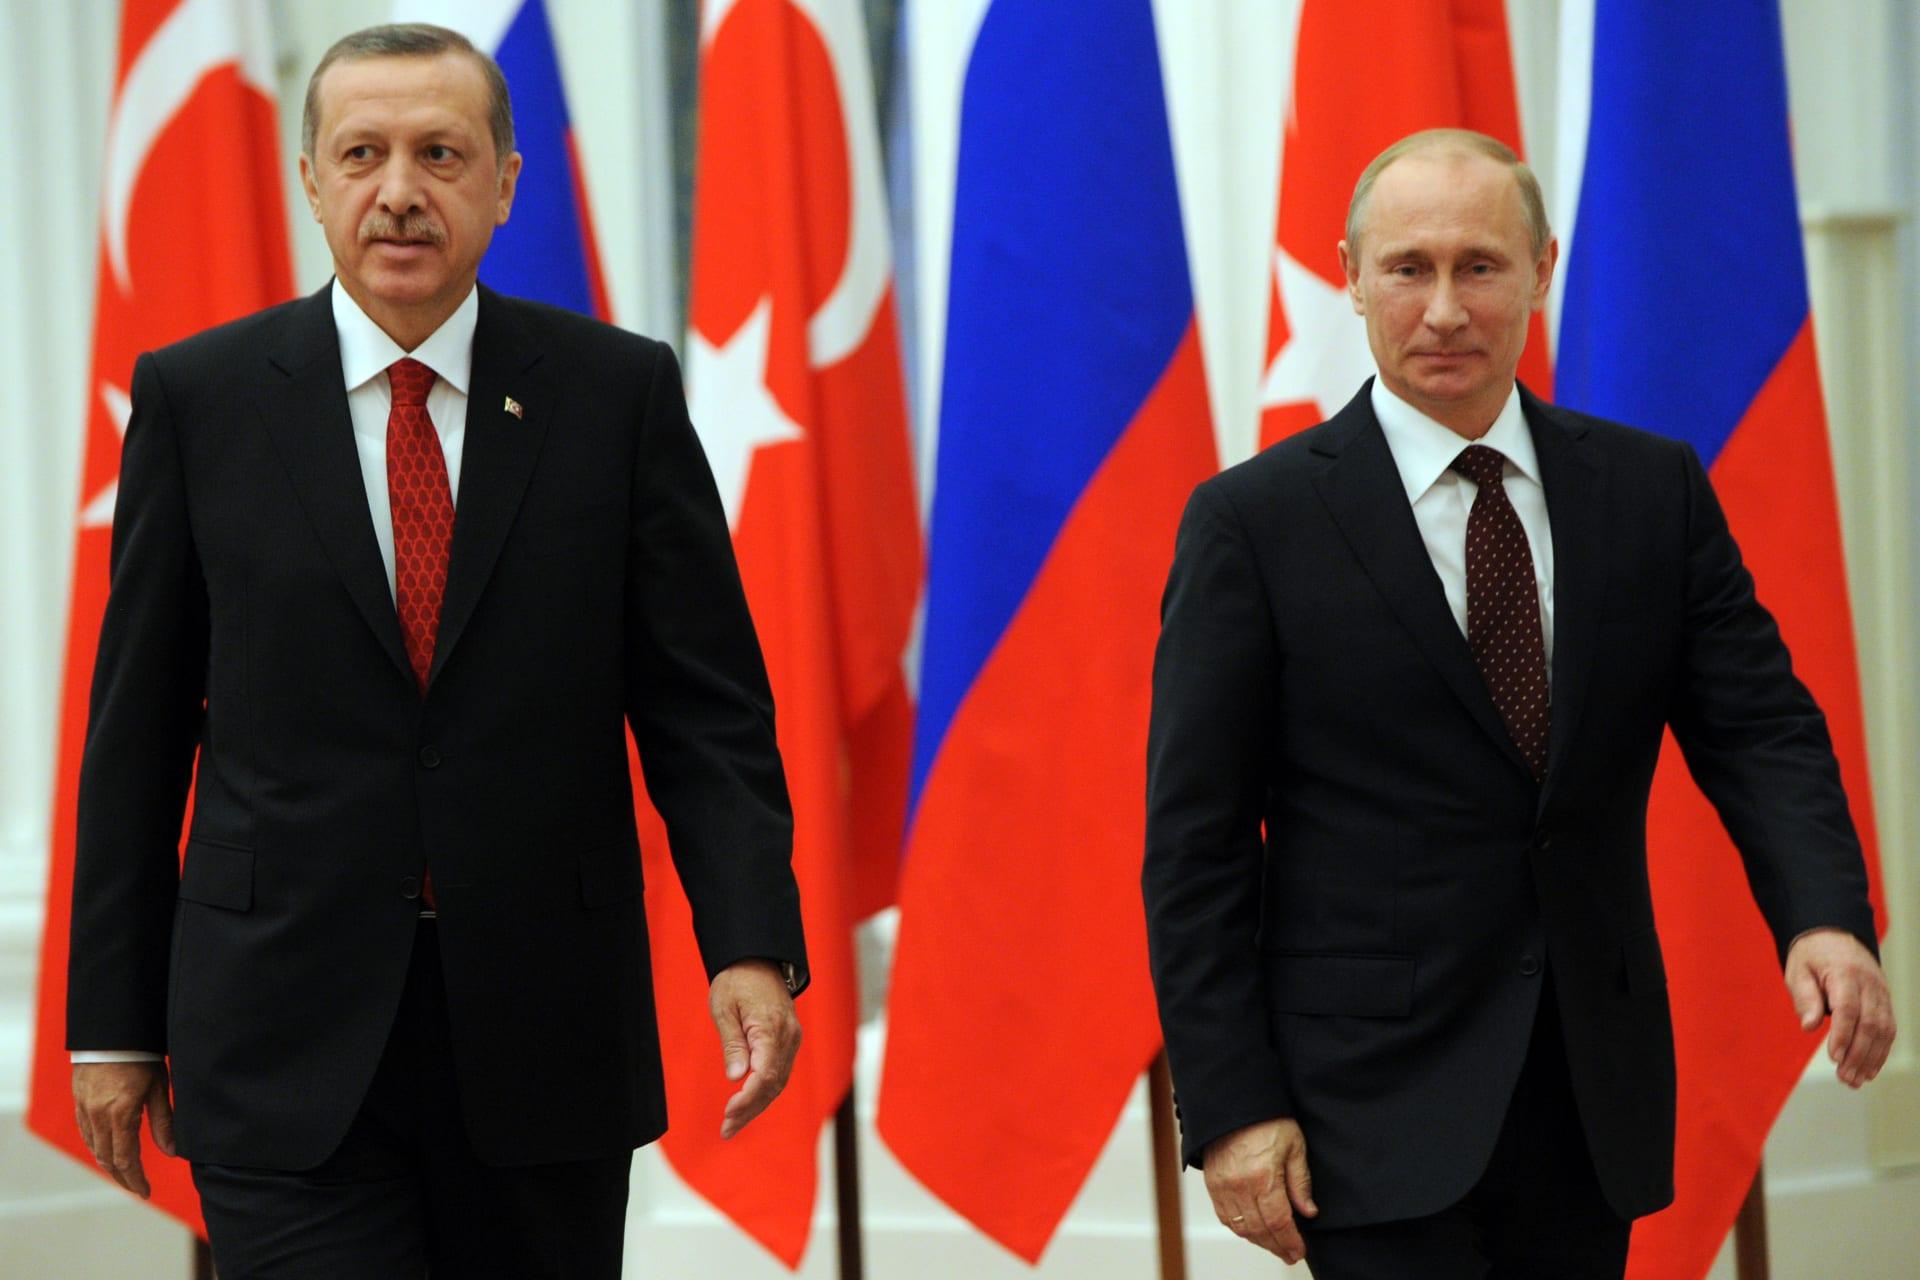 لأول مرة.. غارات روسية تركية مشتركة في سوريا